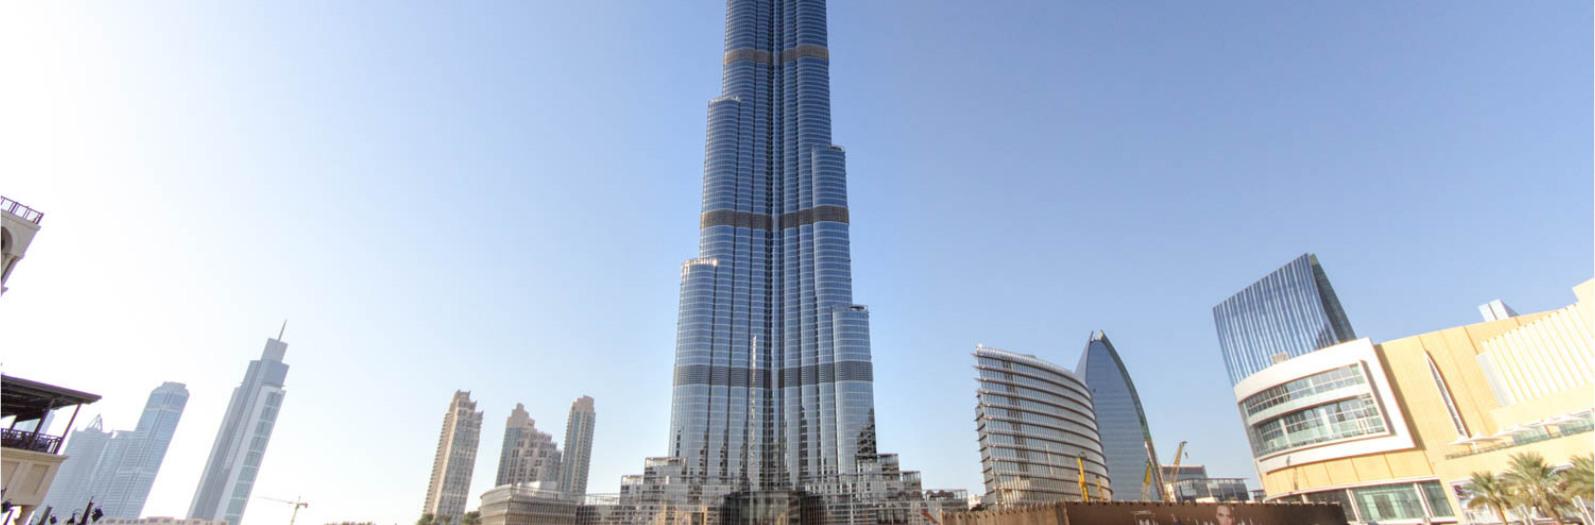 Burj Khalifa Dubai Adarve Travel